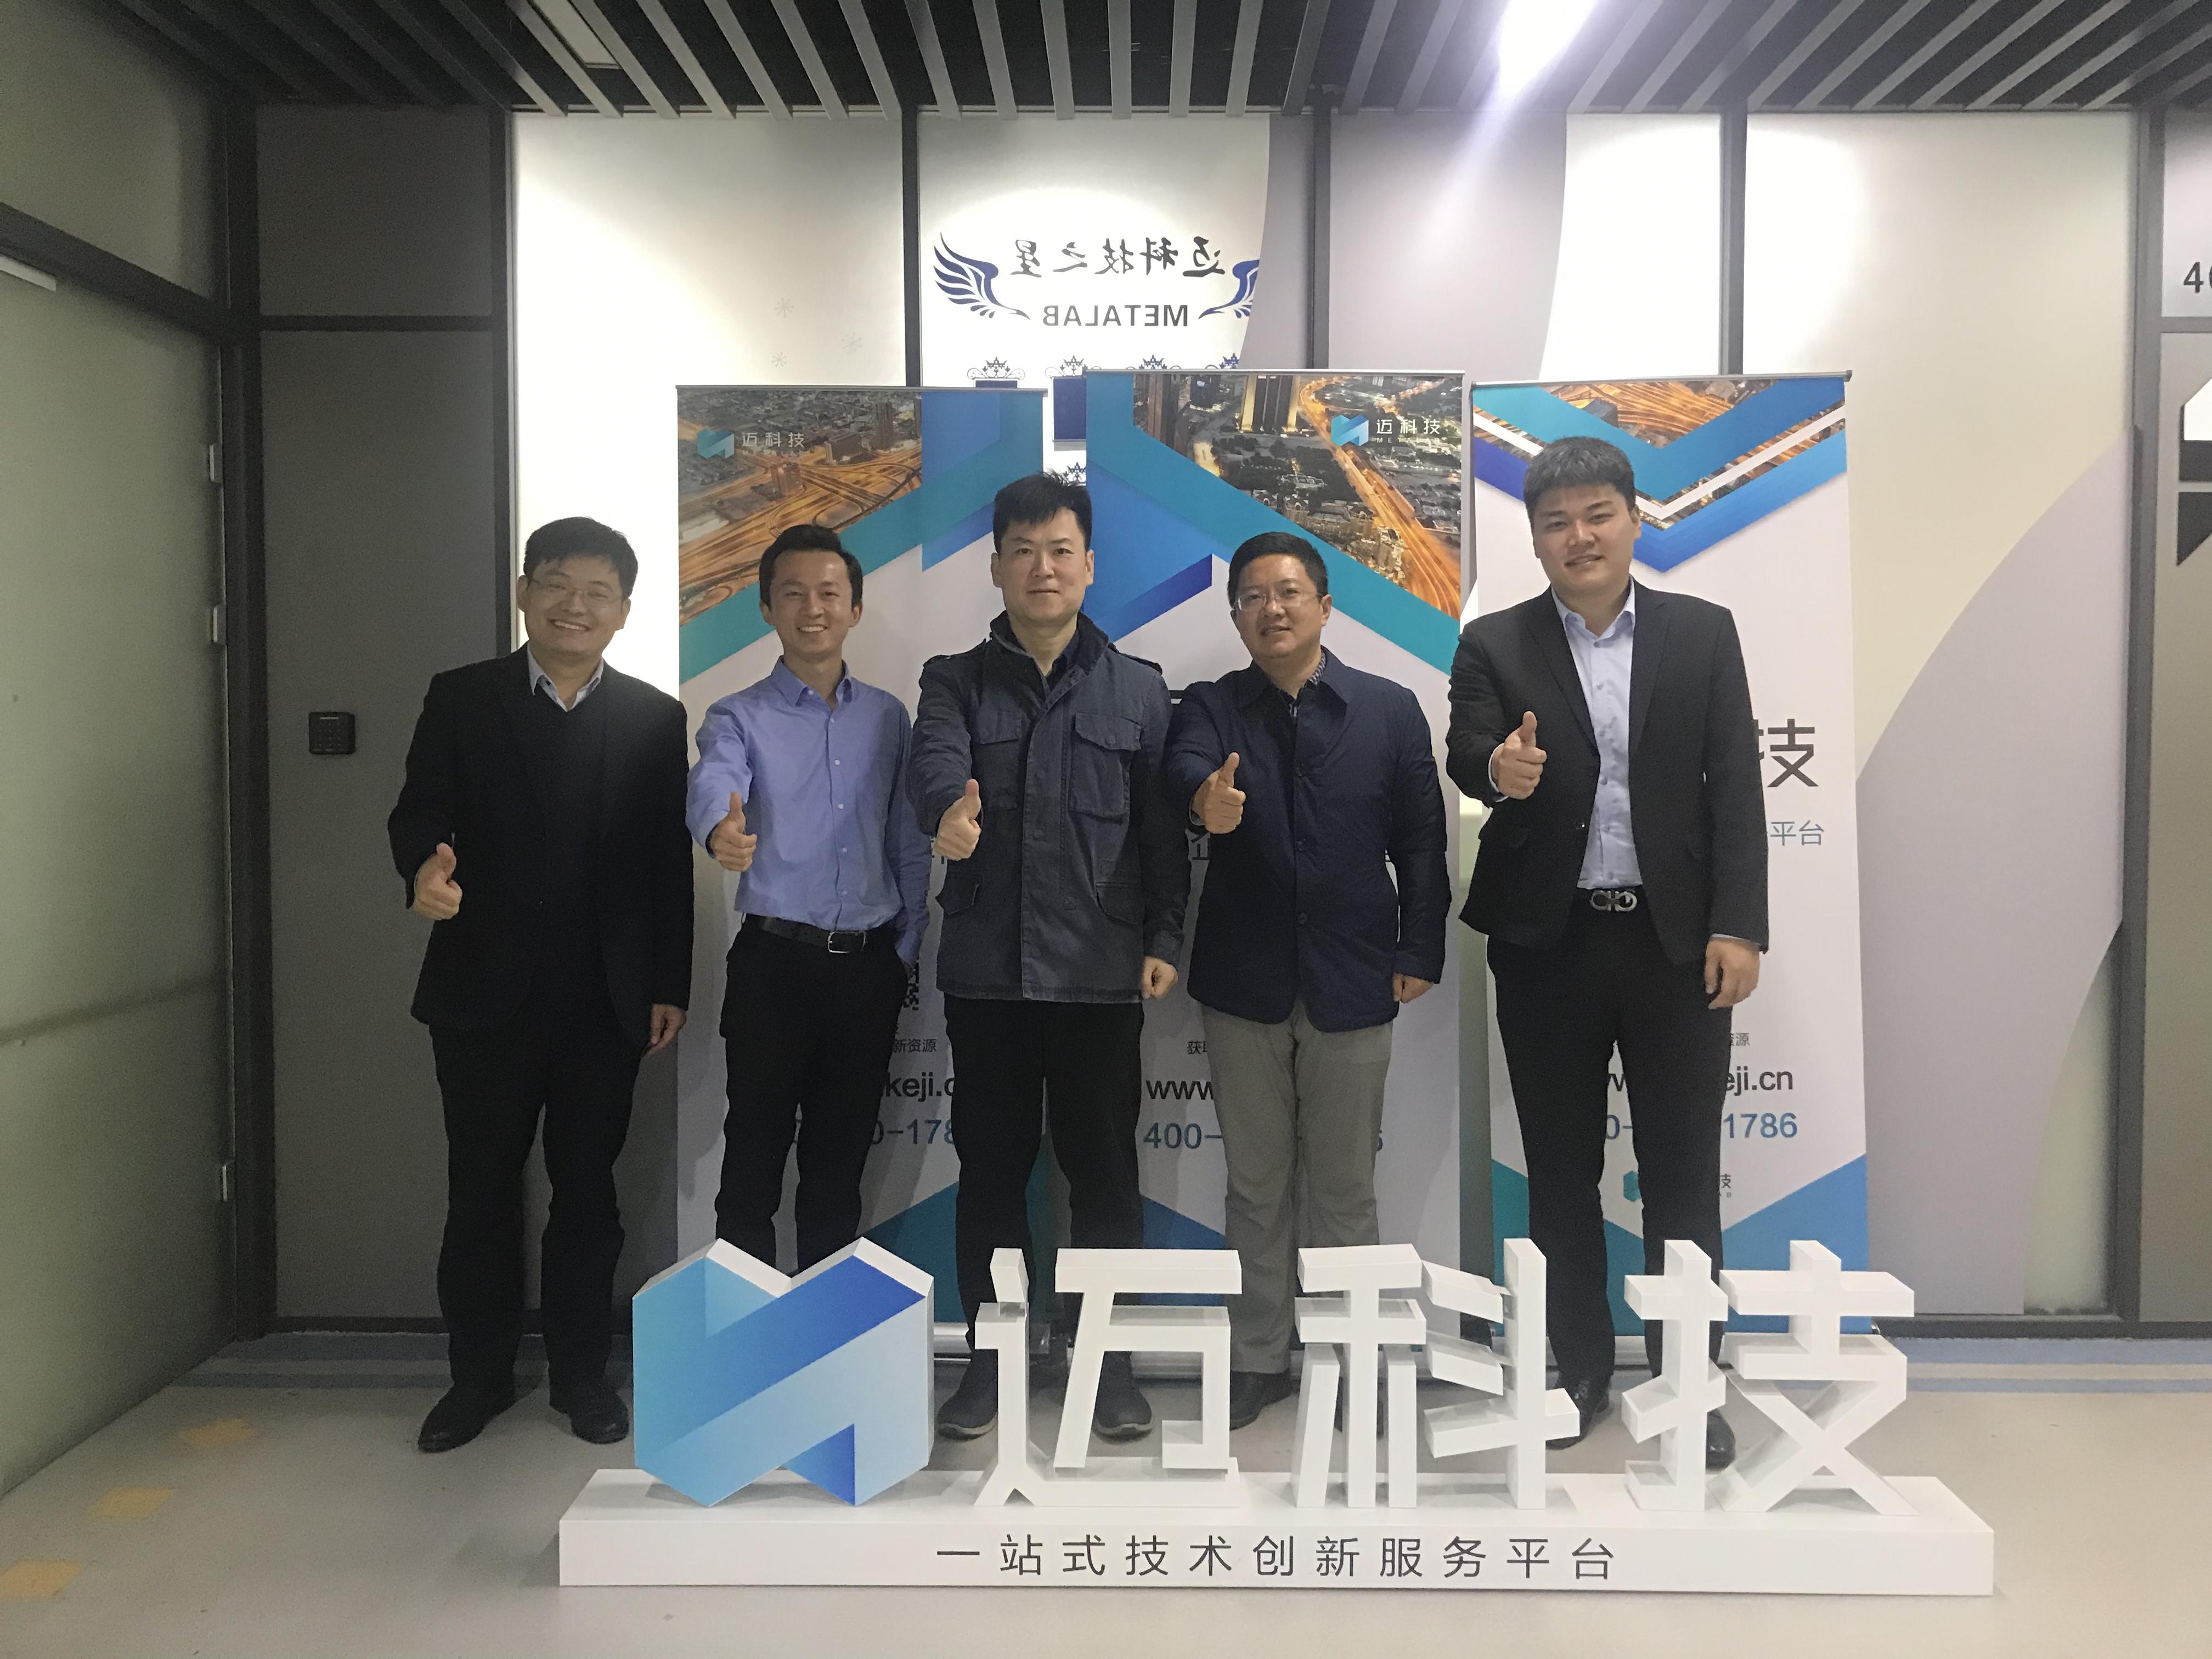 济南高新区产业技术创新协同中心领导来访,平台模式被认可